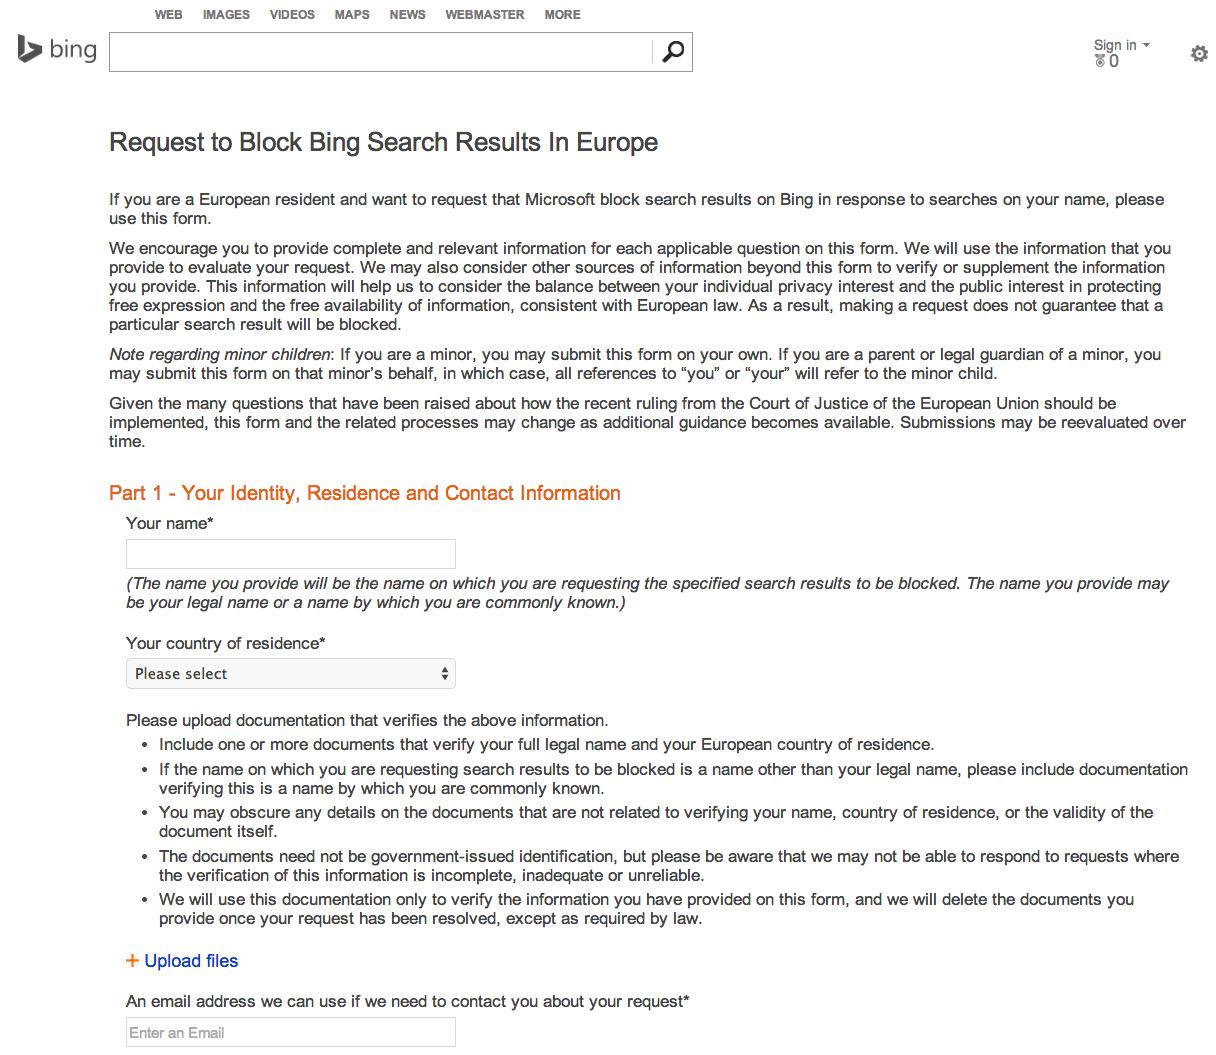 Bing Met En Ligne Son Formulaire De Droit A L Oubli Actualites Seo Et Moteurs Abondance